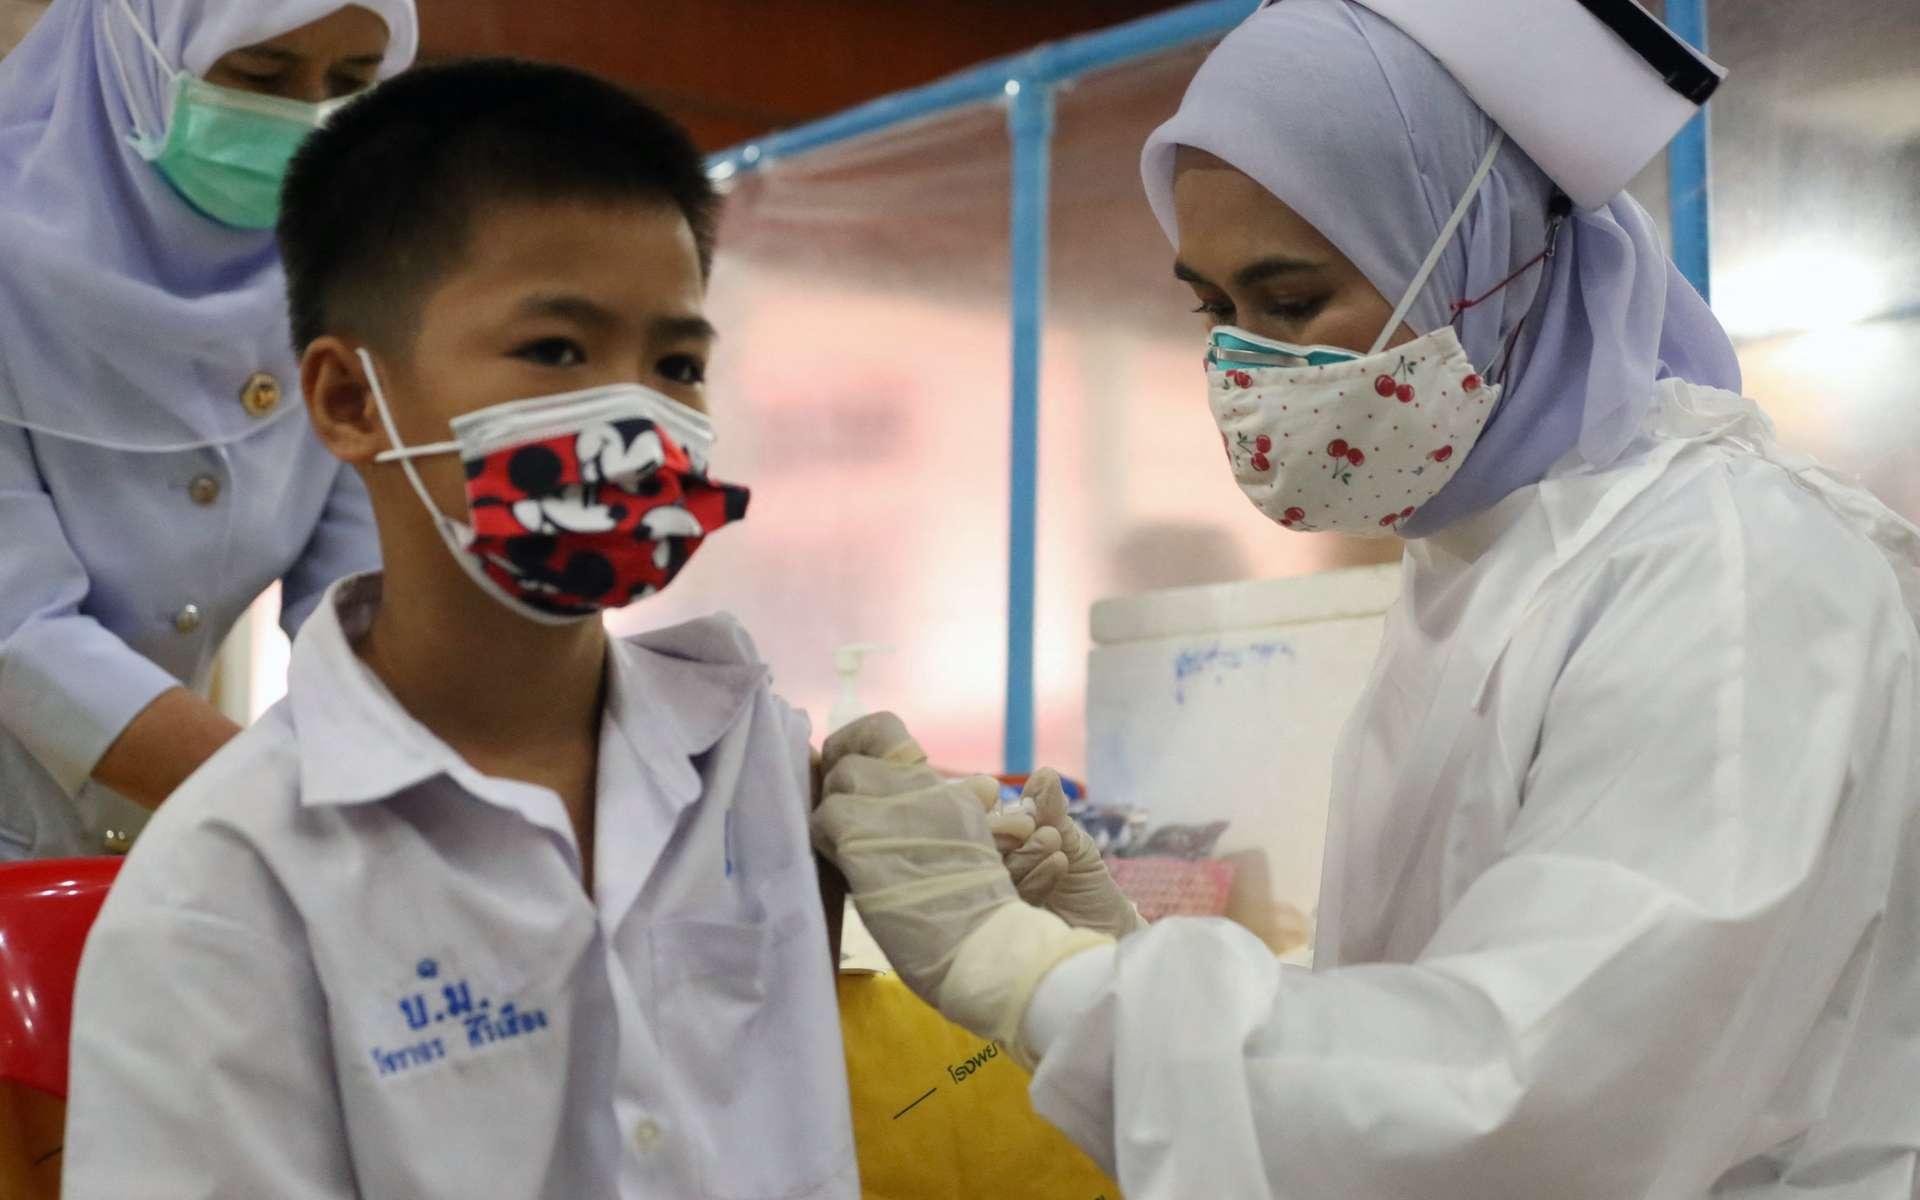 Une étude française, la plus vaste menée à ce jour, confirme l'efficacité des vaccins contre la Covid-19. © Tuwaedaniya Meringing, AFP